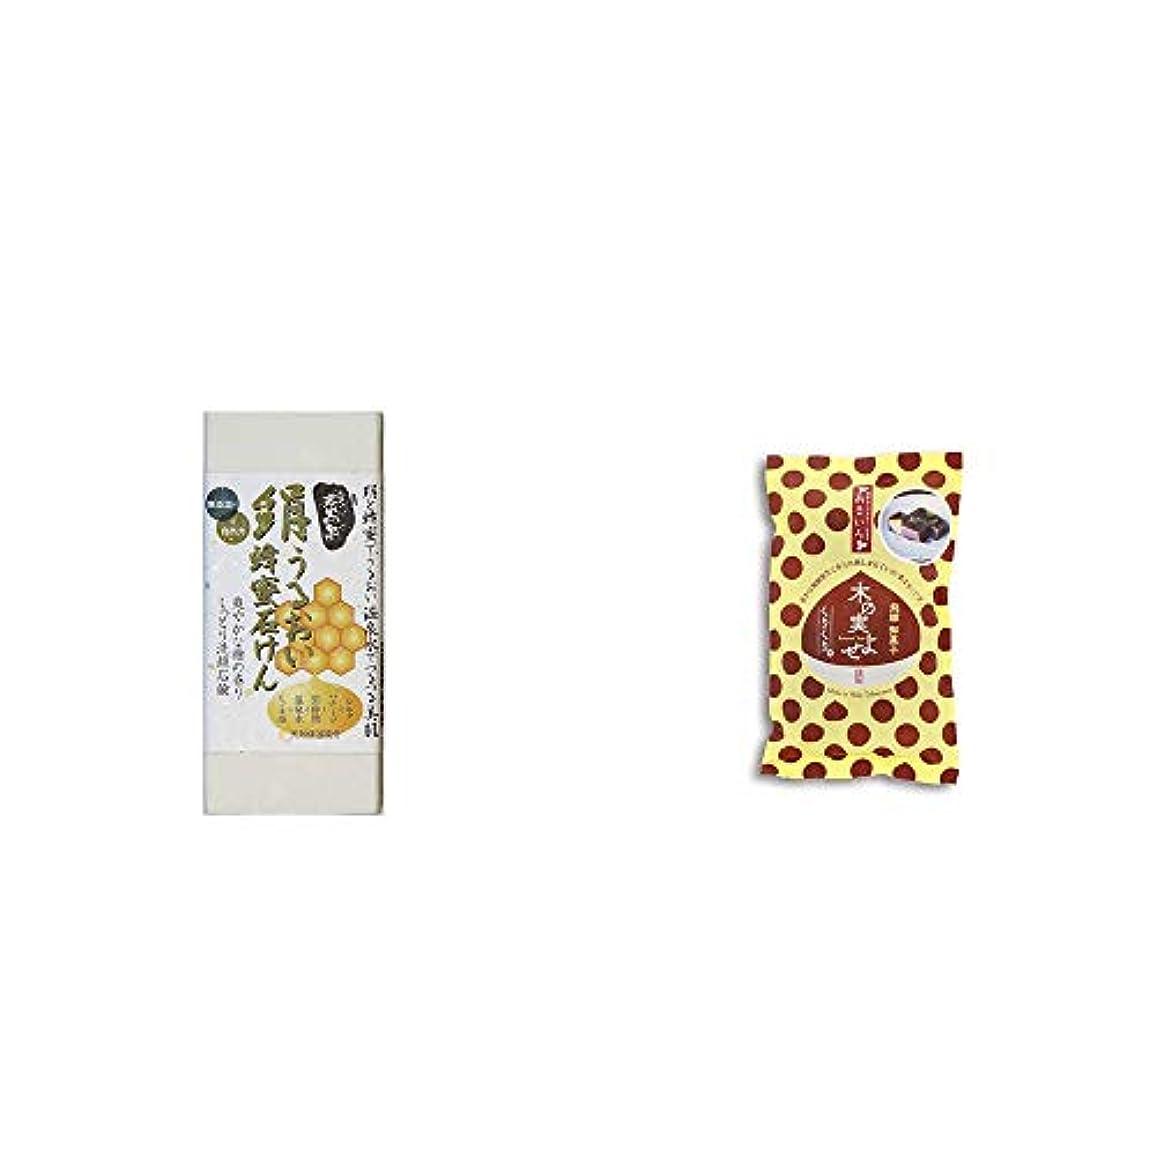 数学者見積り要求[2点セット] ひのき炭黒泉 絹うるおい蜂蜜石けん(75g×2)?木の実よせ くりくり味(5個入)